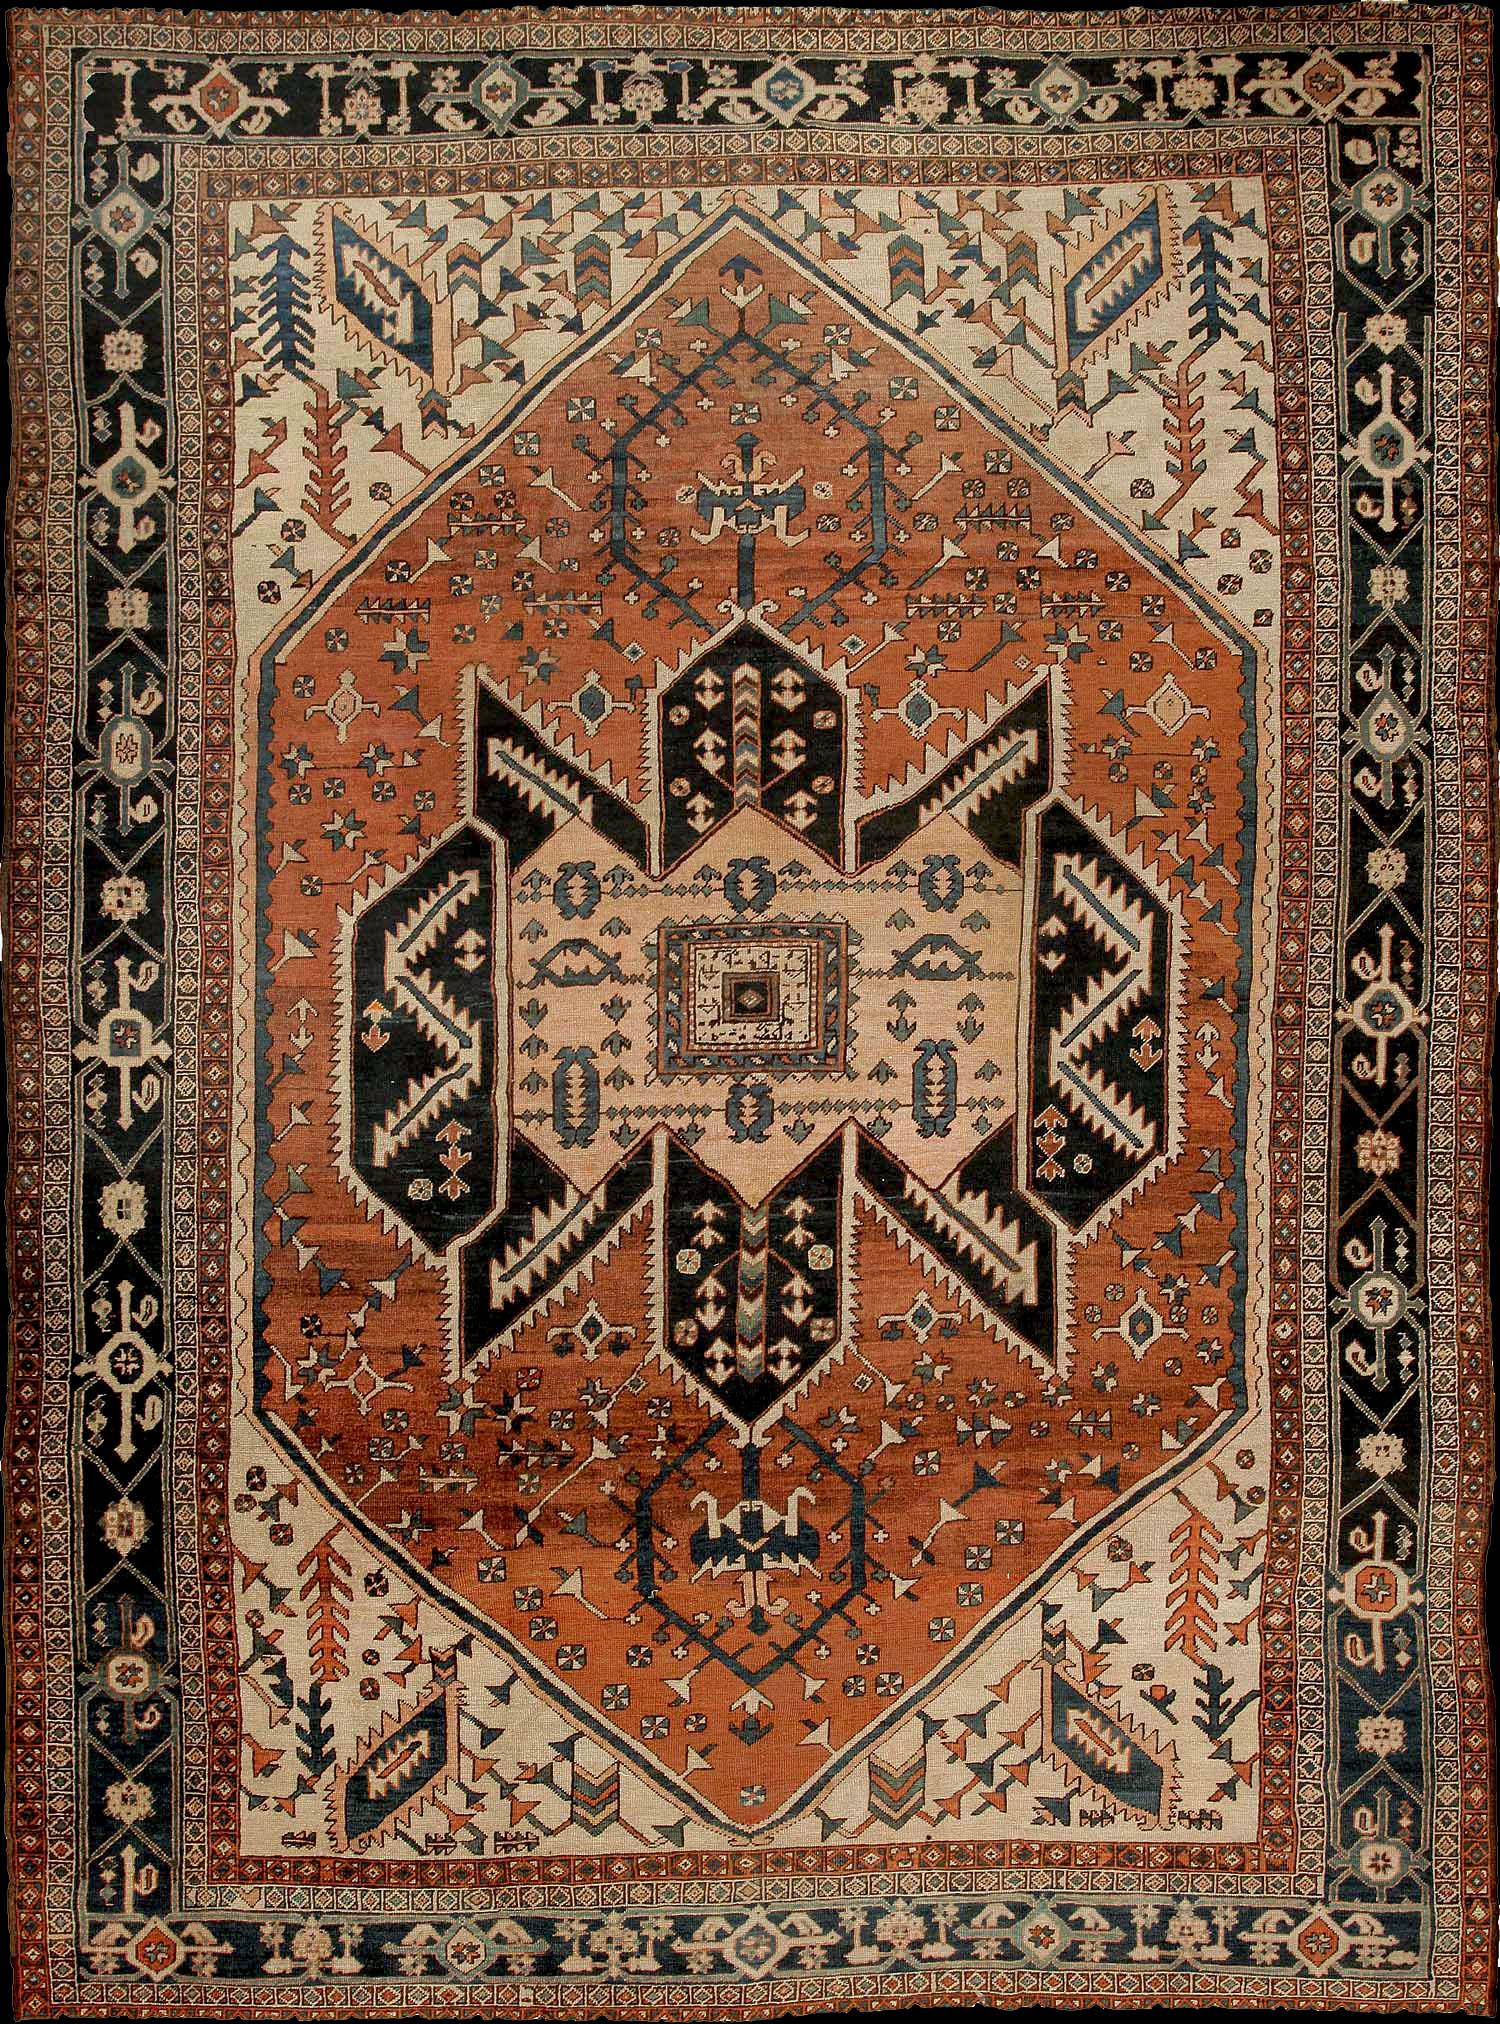 Antique Serapi Carpet With A Bold Medallion Design